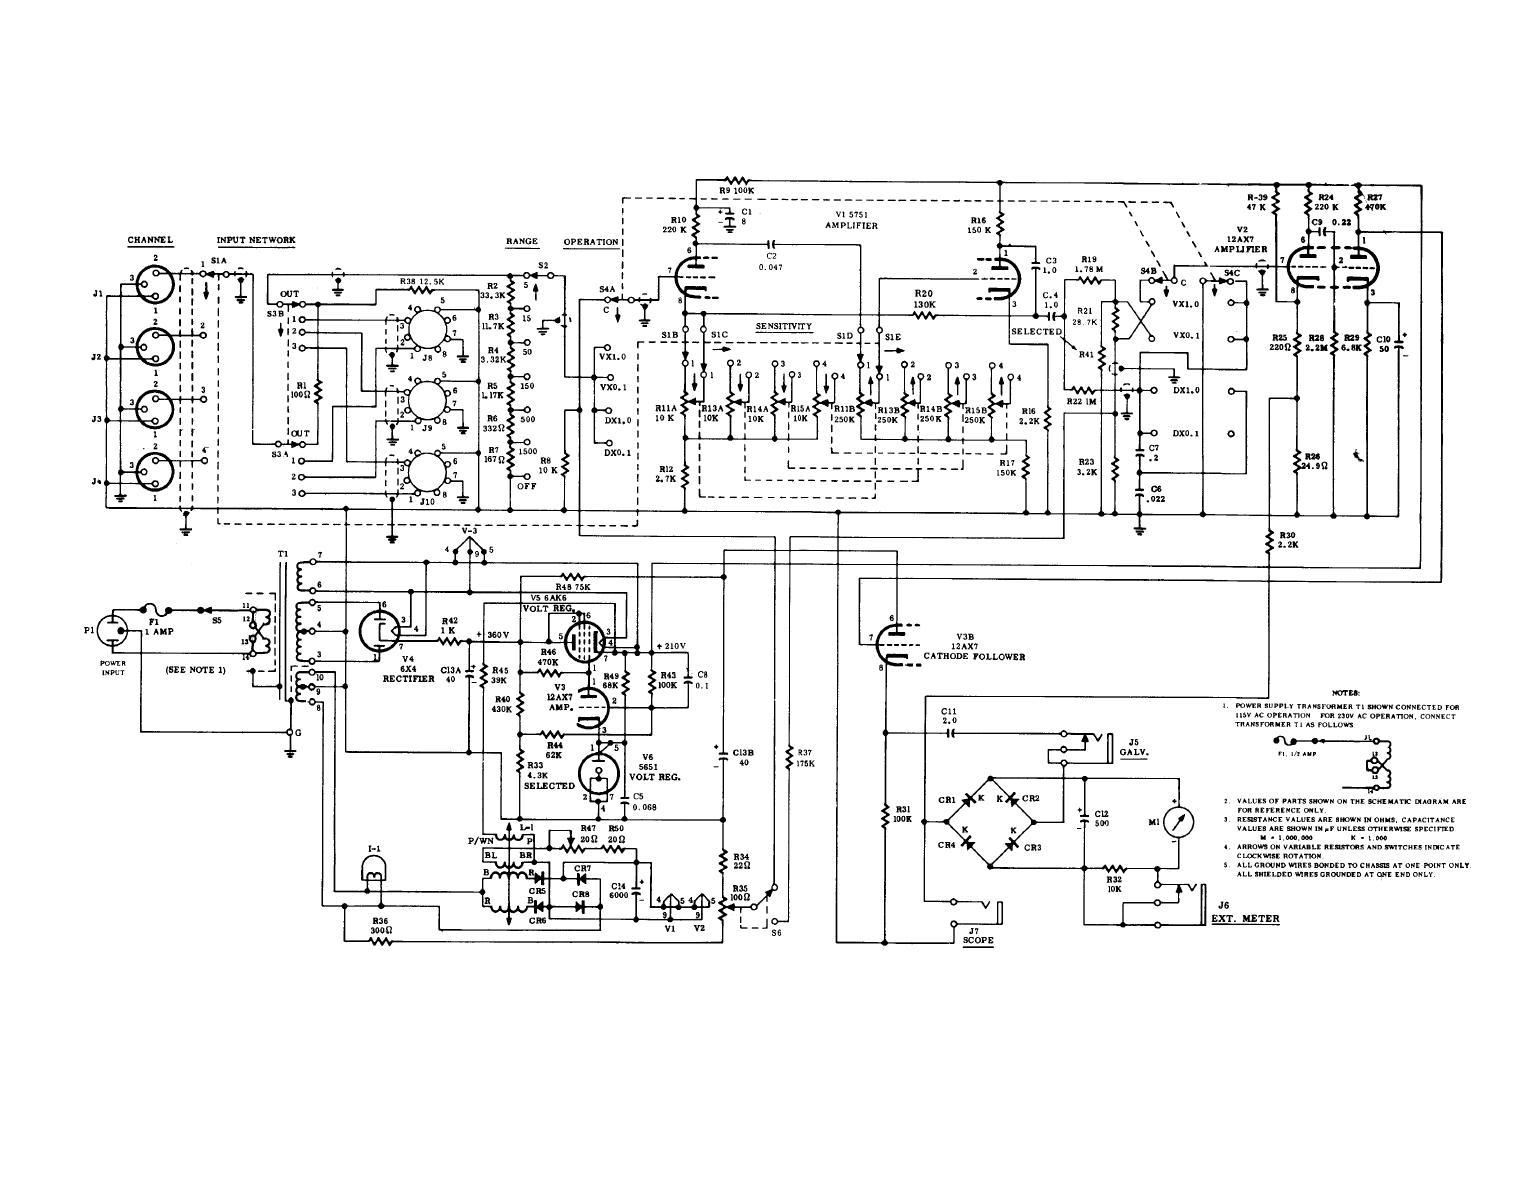 Figure 1 25 Vibration Meter Type 1 117 Schematic